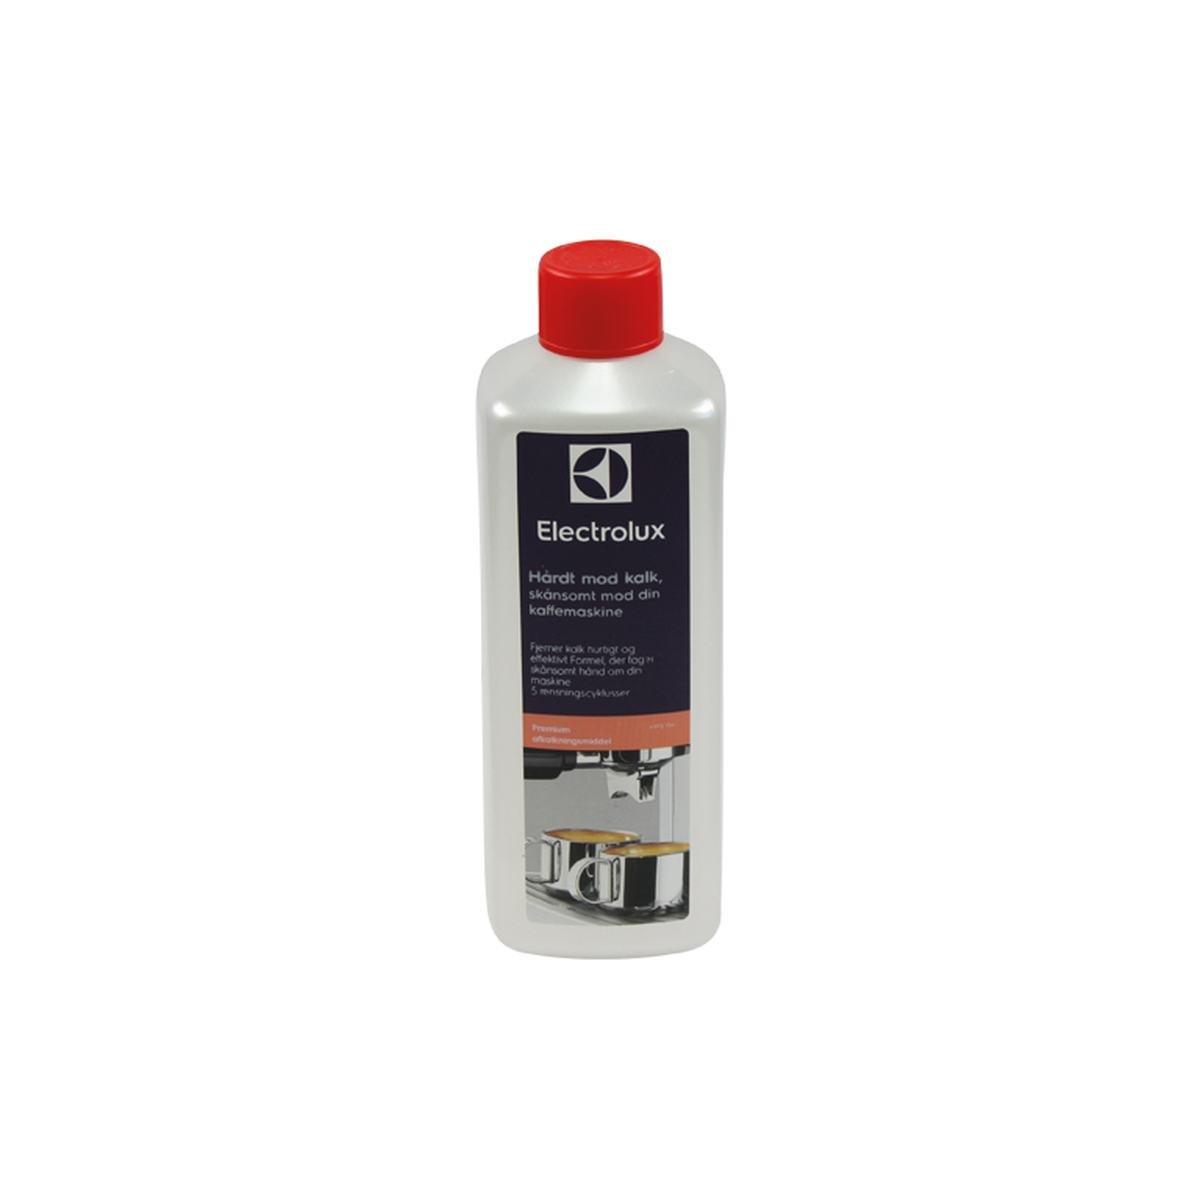 Afkalker universal EDP DK 500 ml